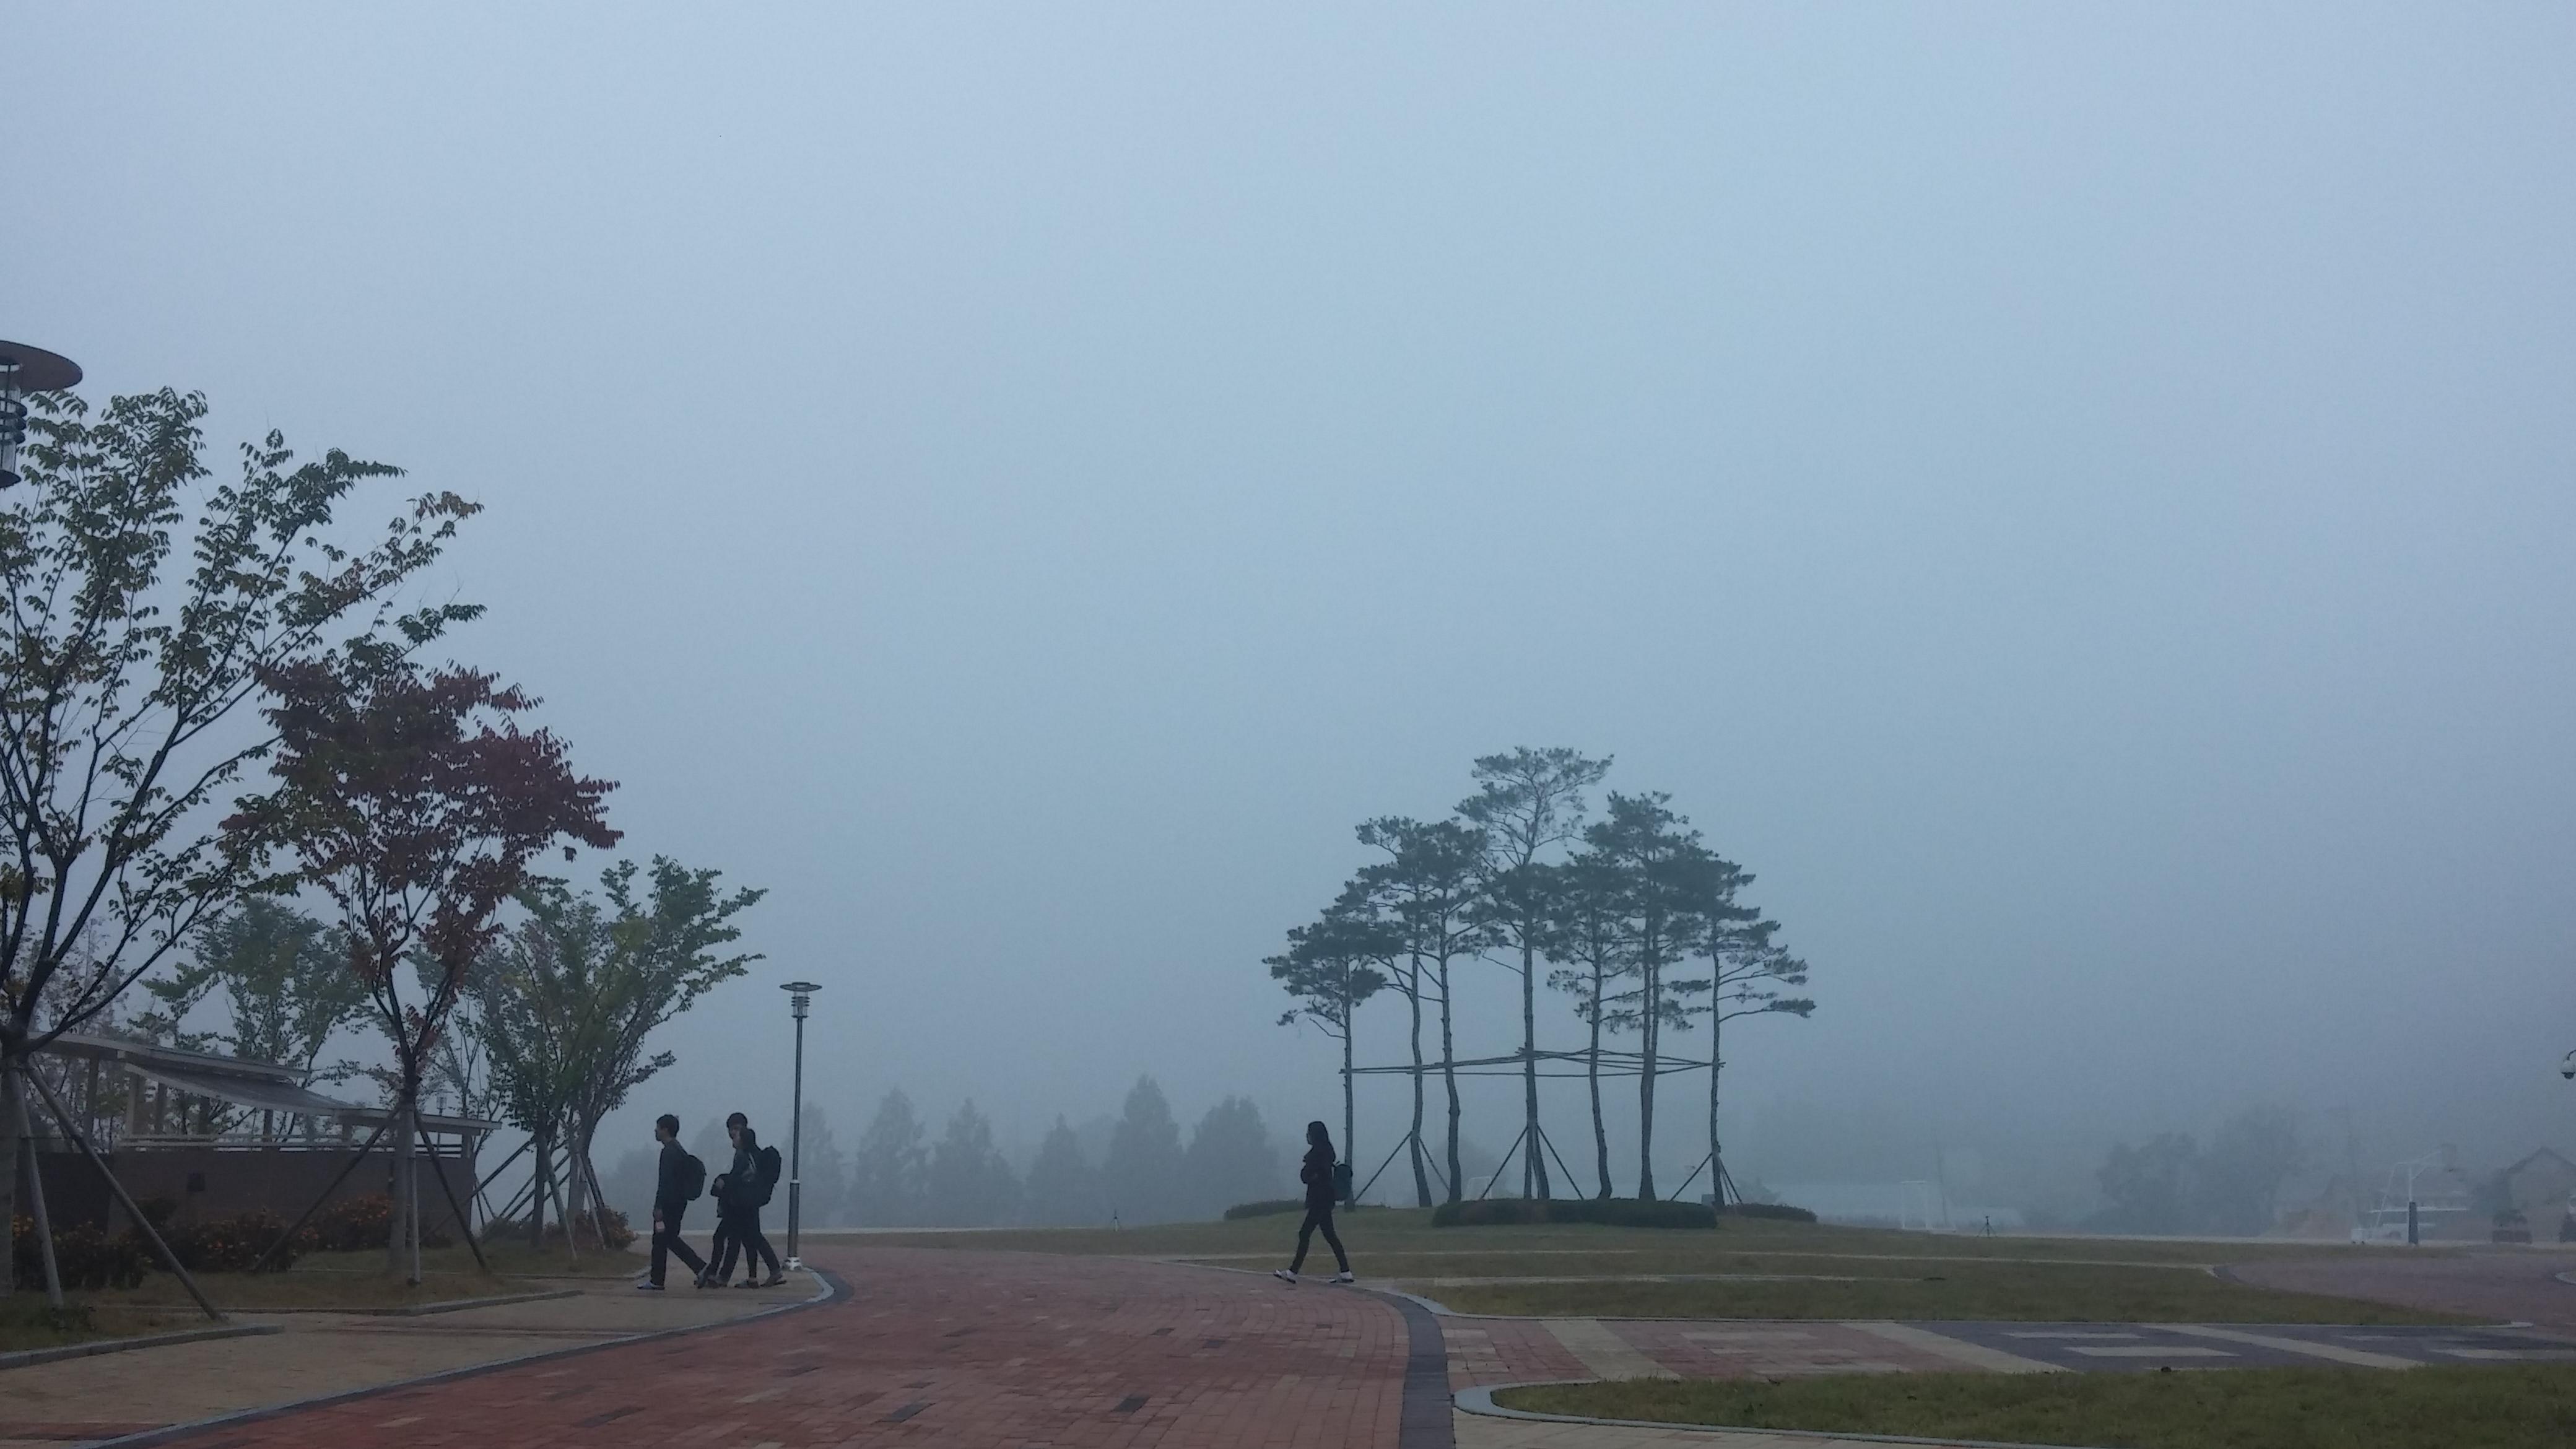 소나무 아홉 그루 - 동국대학교 바이오메디 캠퍼스...